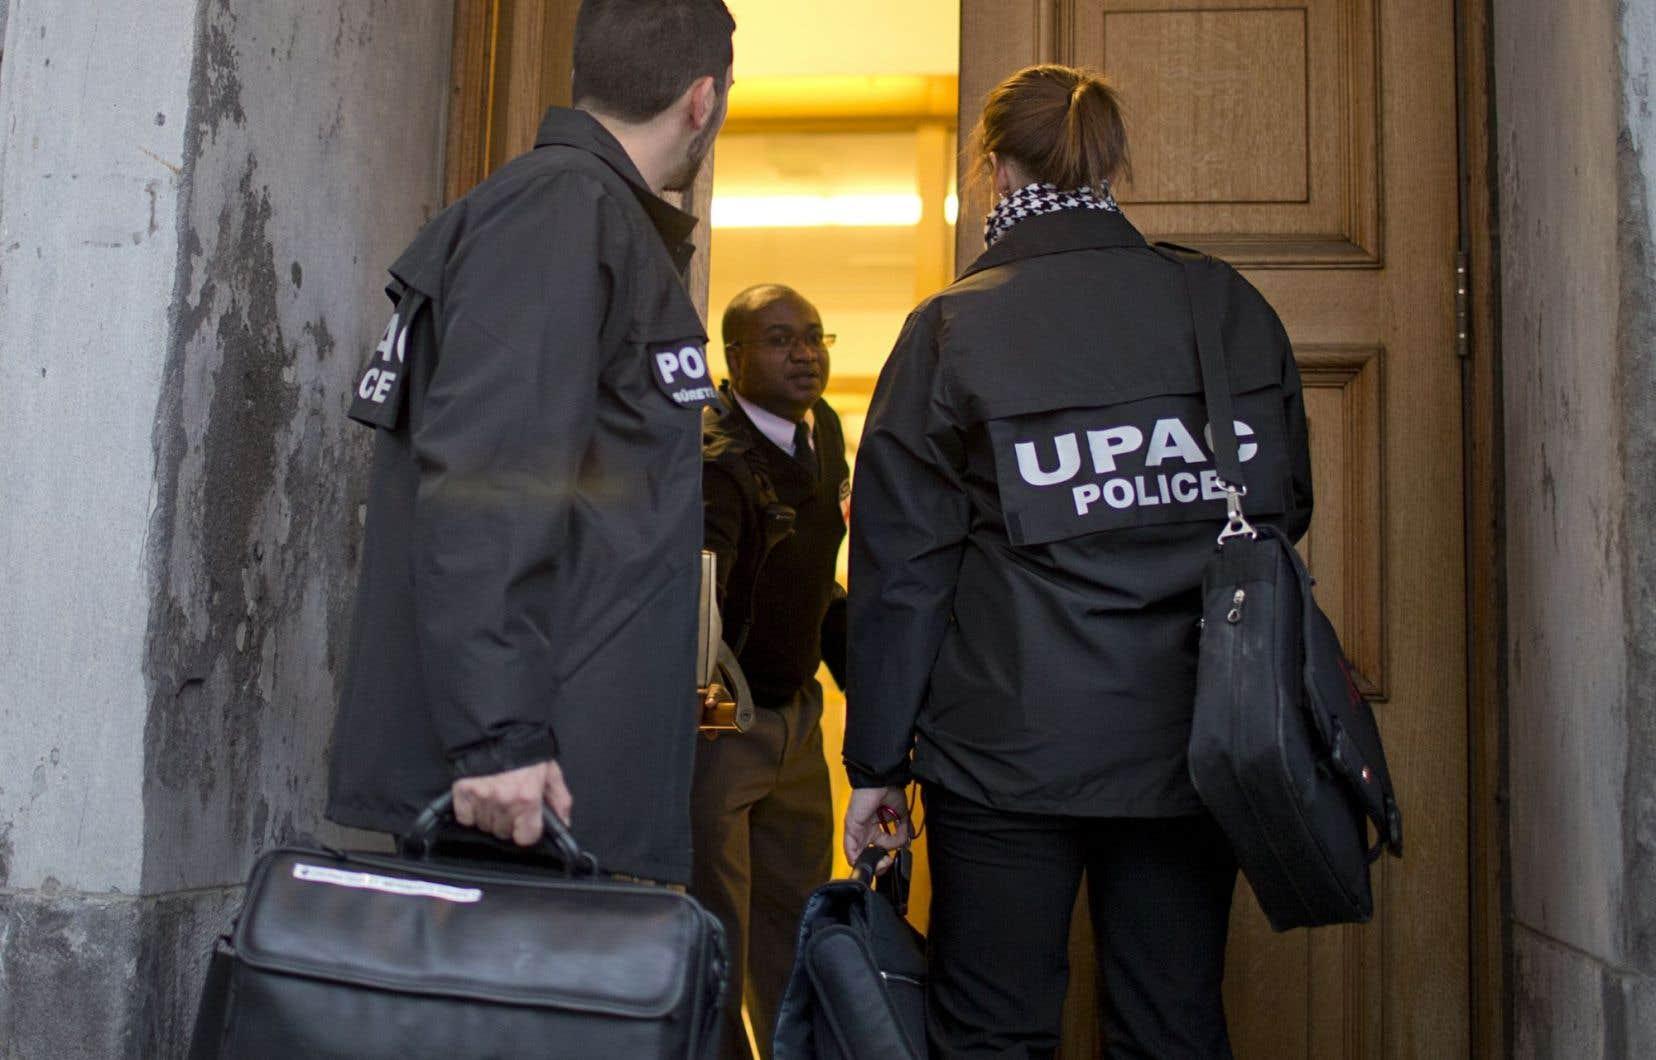 Le maire de Terrebonne, Jean-Marc Robitaille, a été ciblé par des perquisitions de l'Unité permanente anticorruption (UPAC) mercredi.